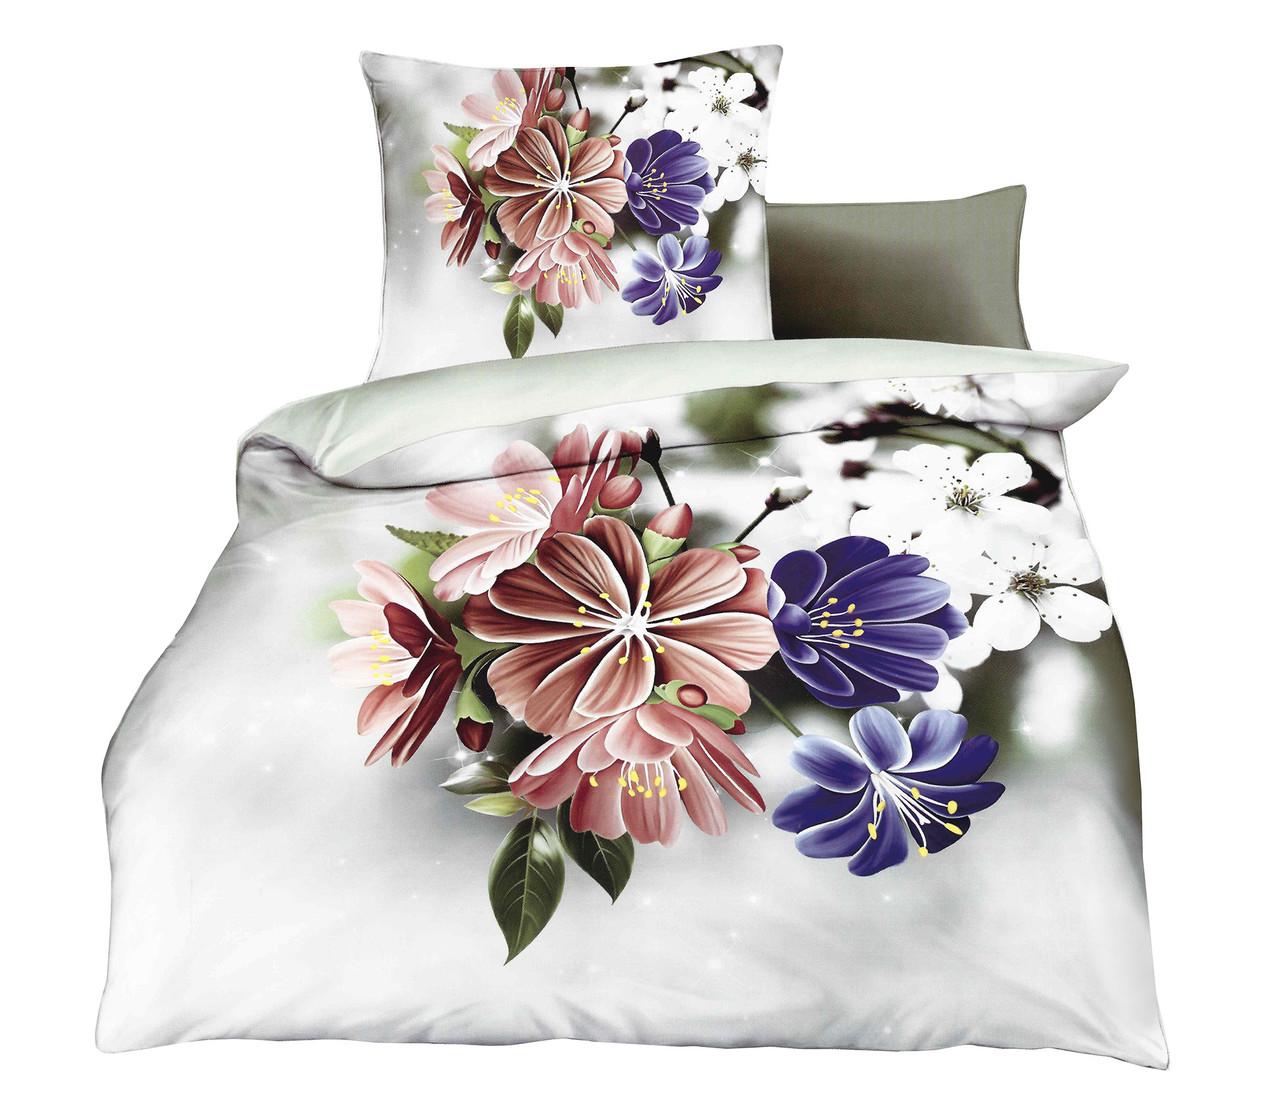 Комплект постельного белья Микроволокно HXDD-787 M&M 6819 Кремовый, Бежевый, Фиолетовый